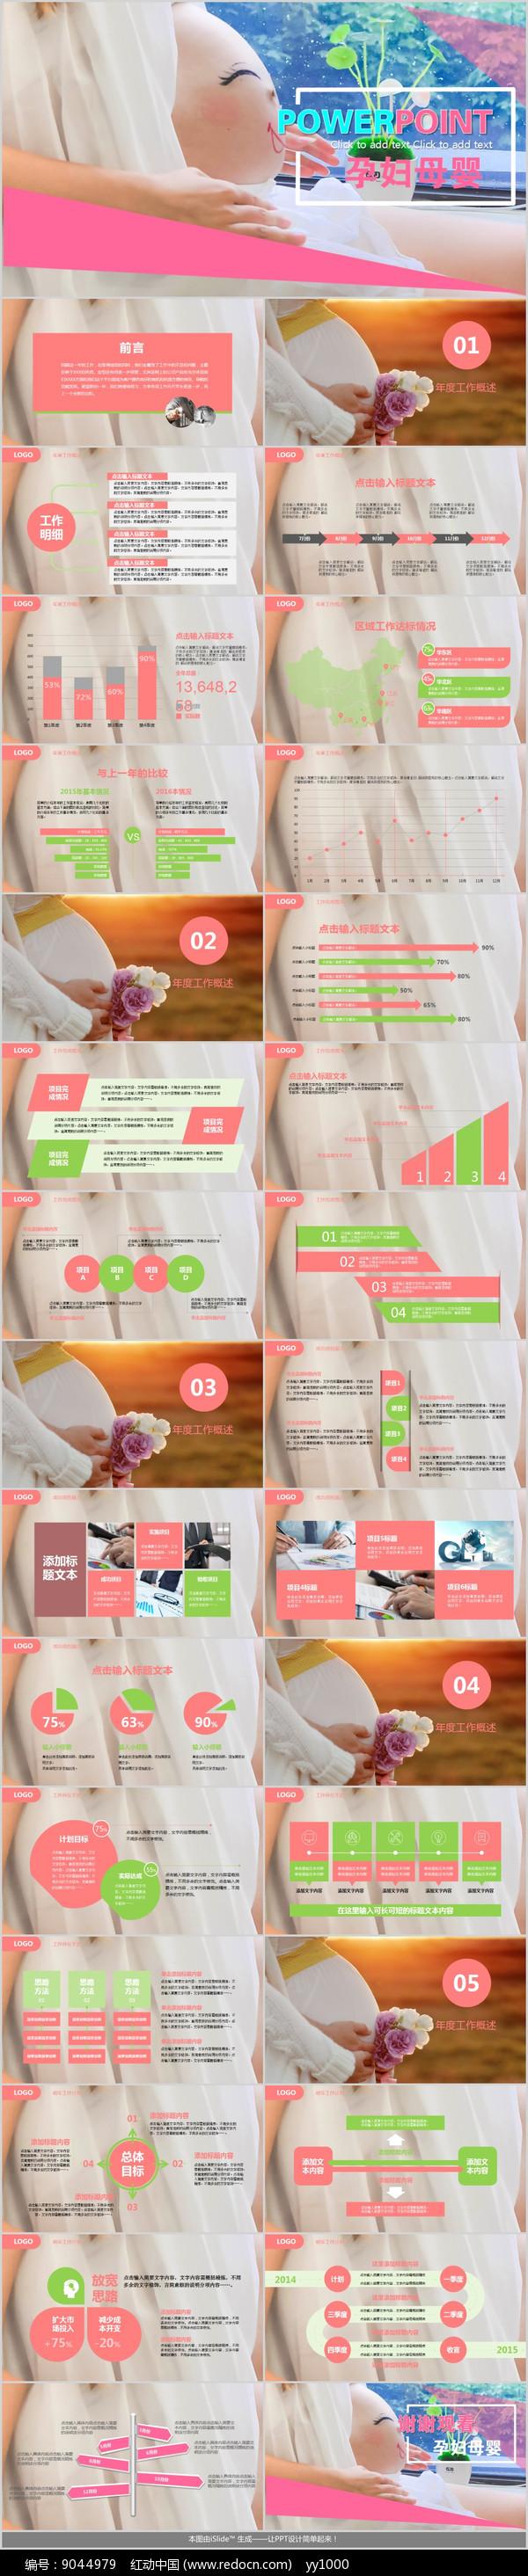 孕妇母婴宝宝用品PPT模板图片